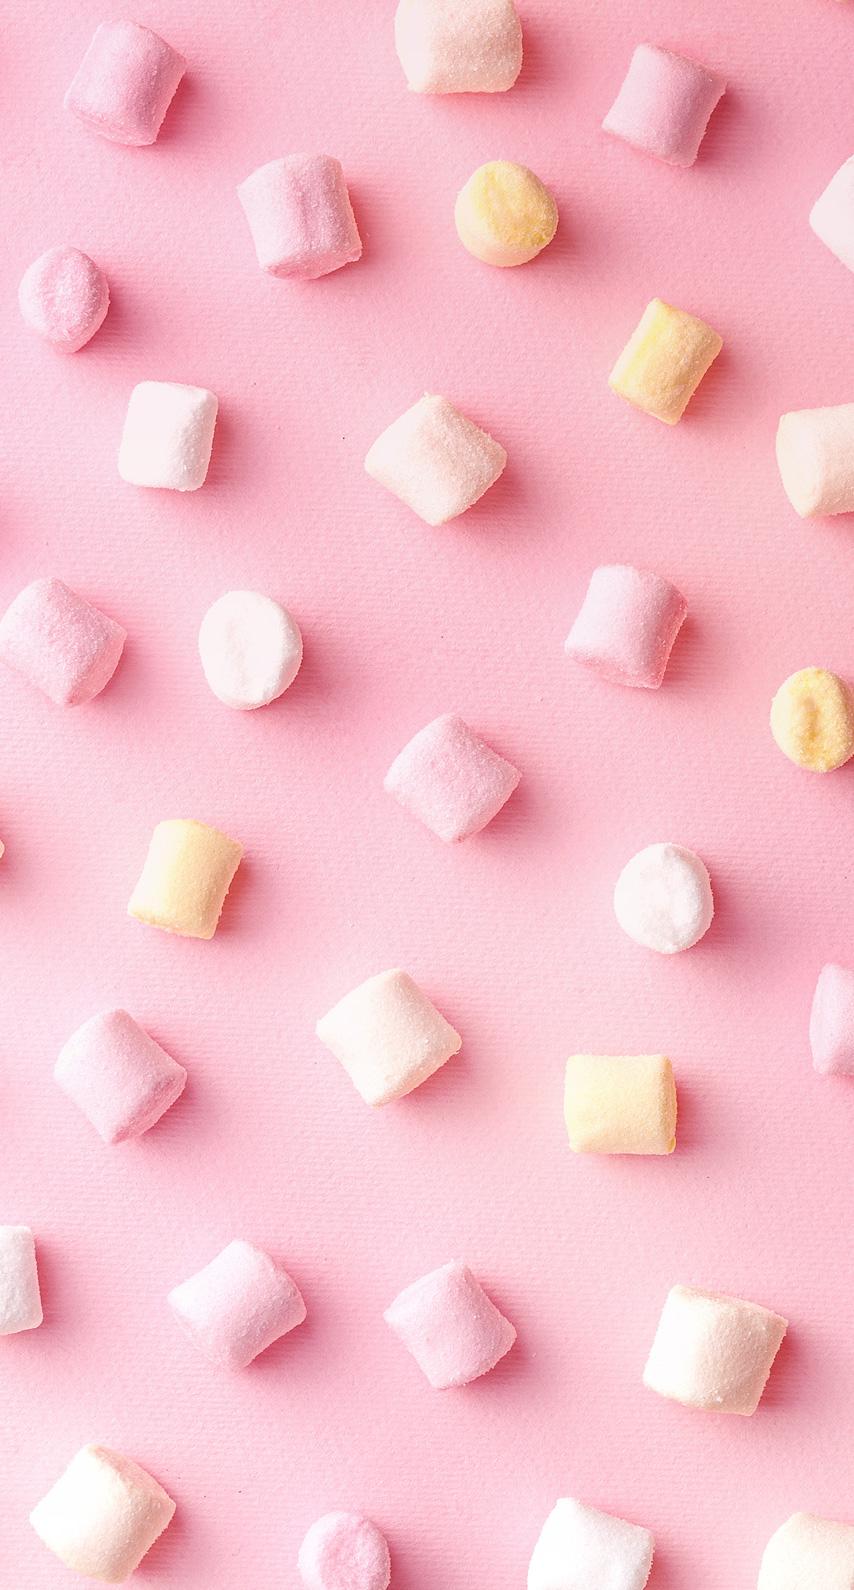 pink, sweet